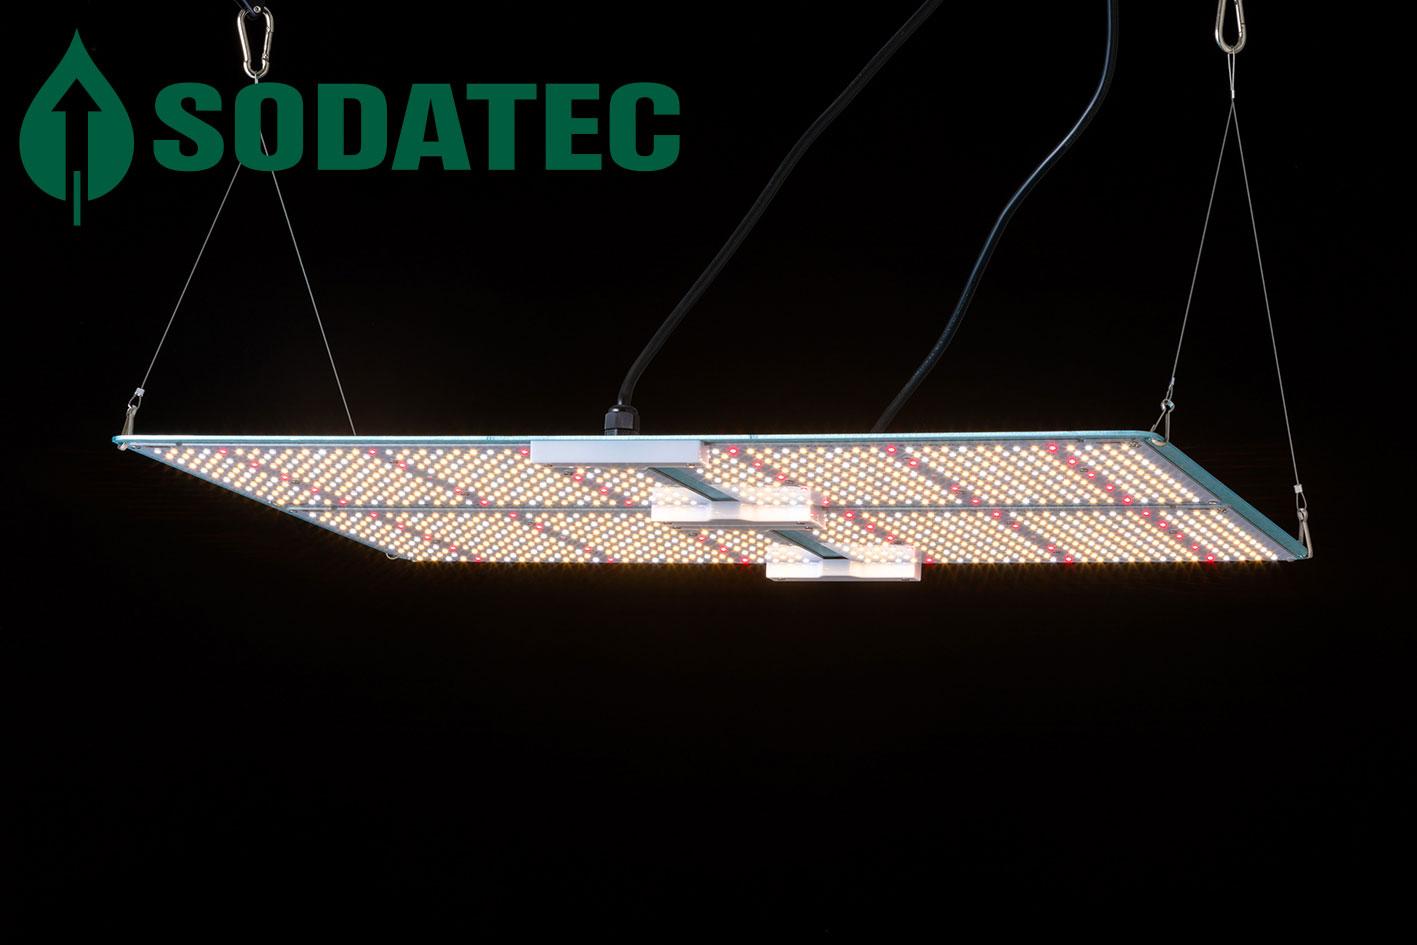 SODATEC LED 01-400w